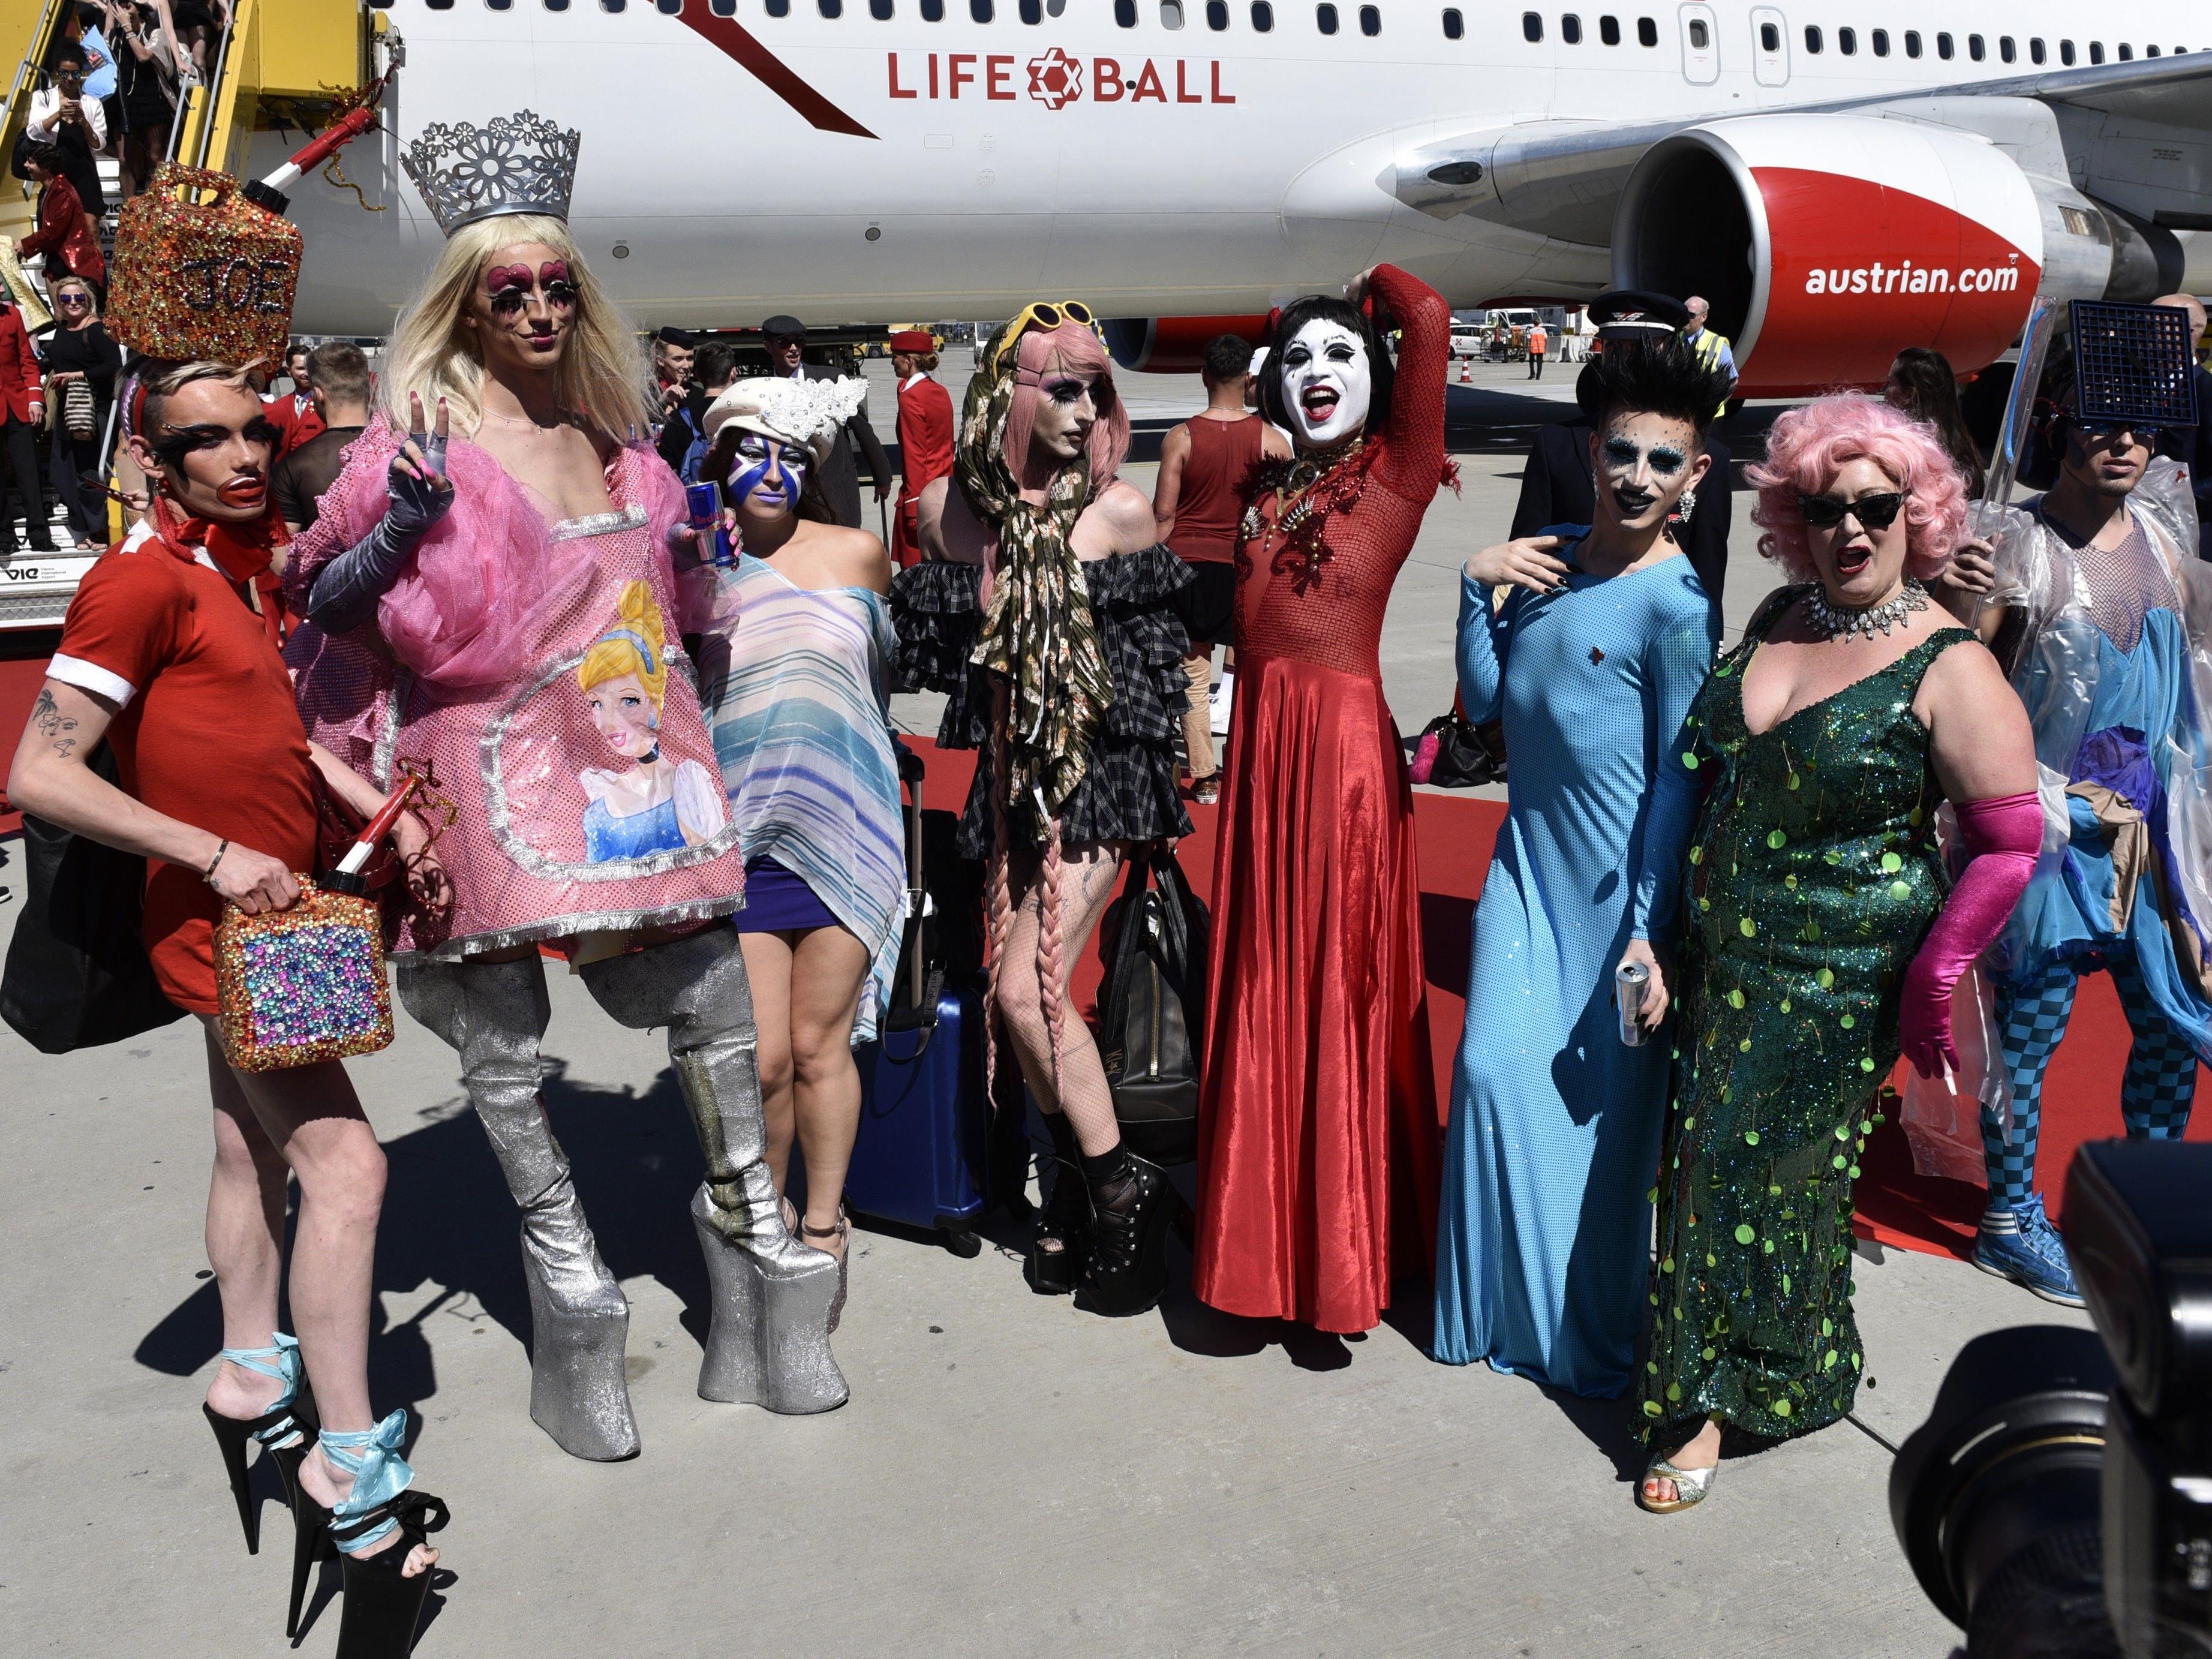 Die (v.l.), Life Ball Gäste bei der Ankunft des Life Ball Flugzeuges aus New York